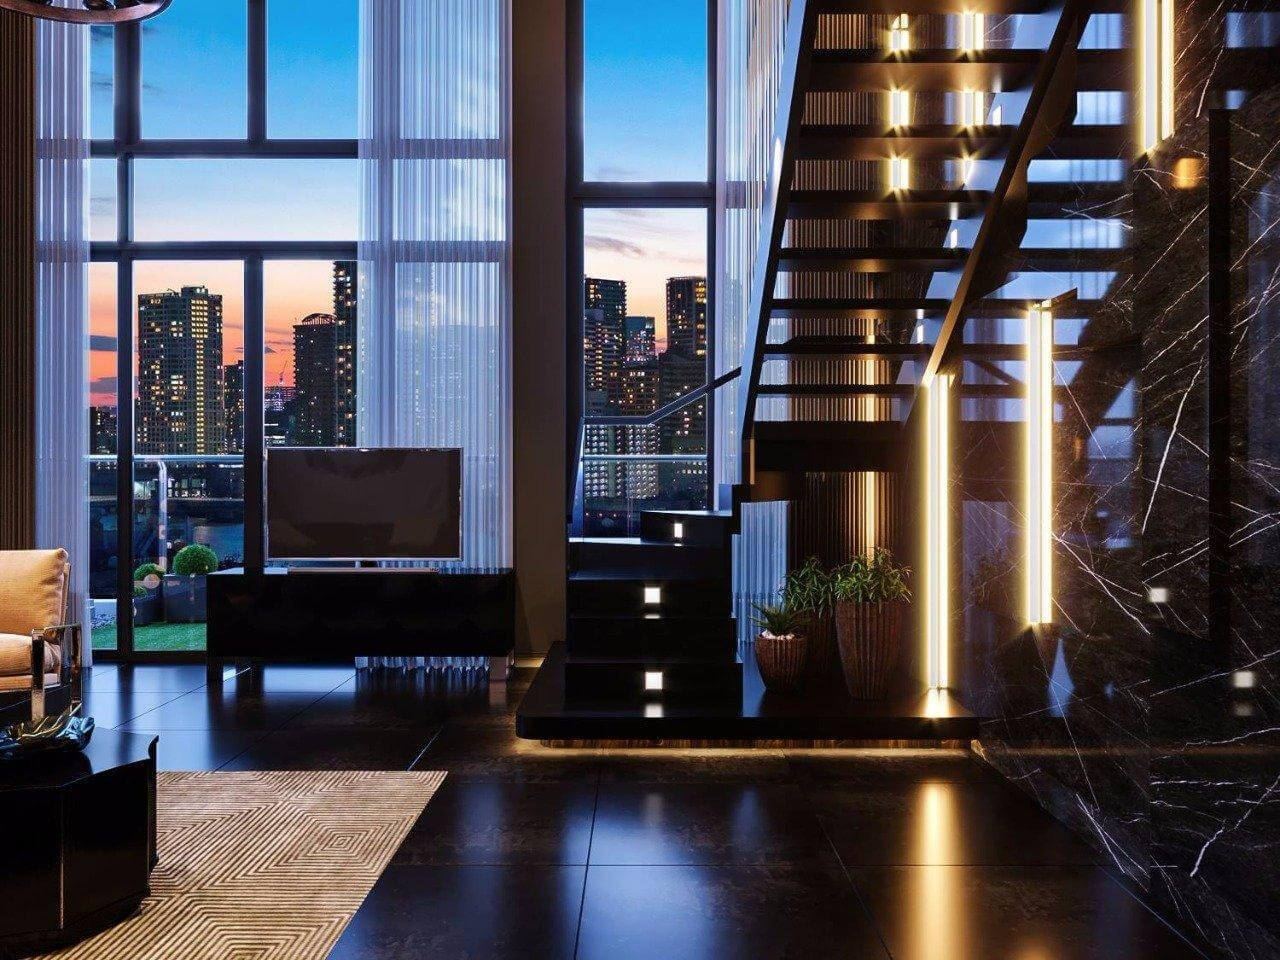 thiết kế cầu thang phòng khách